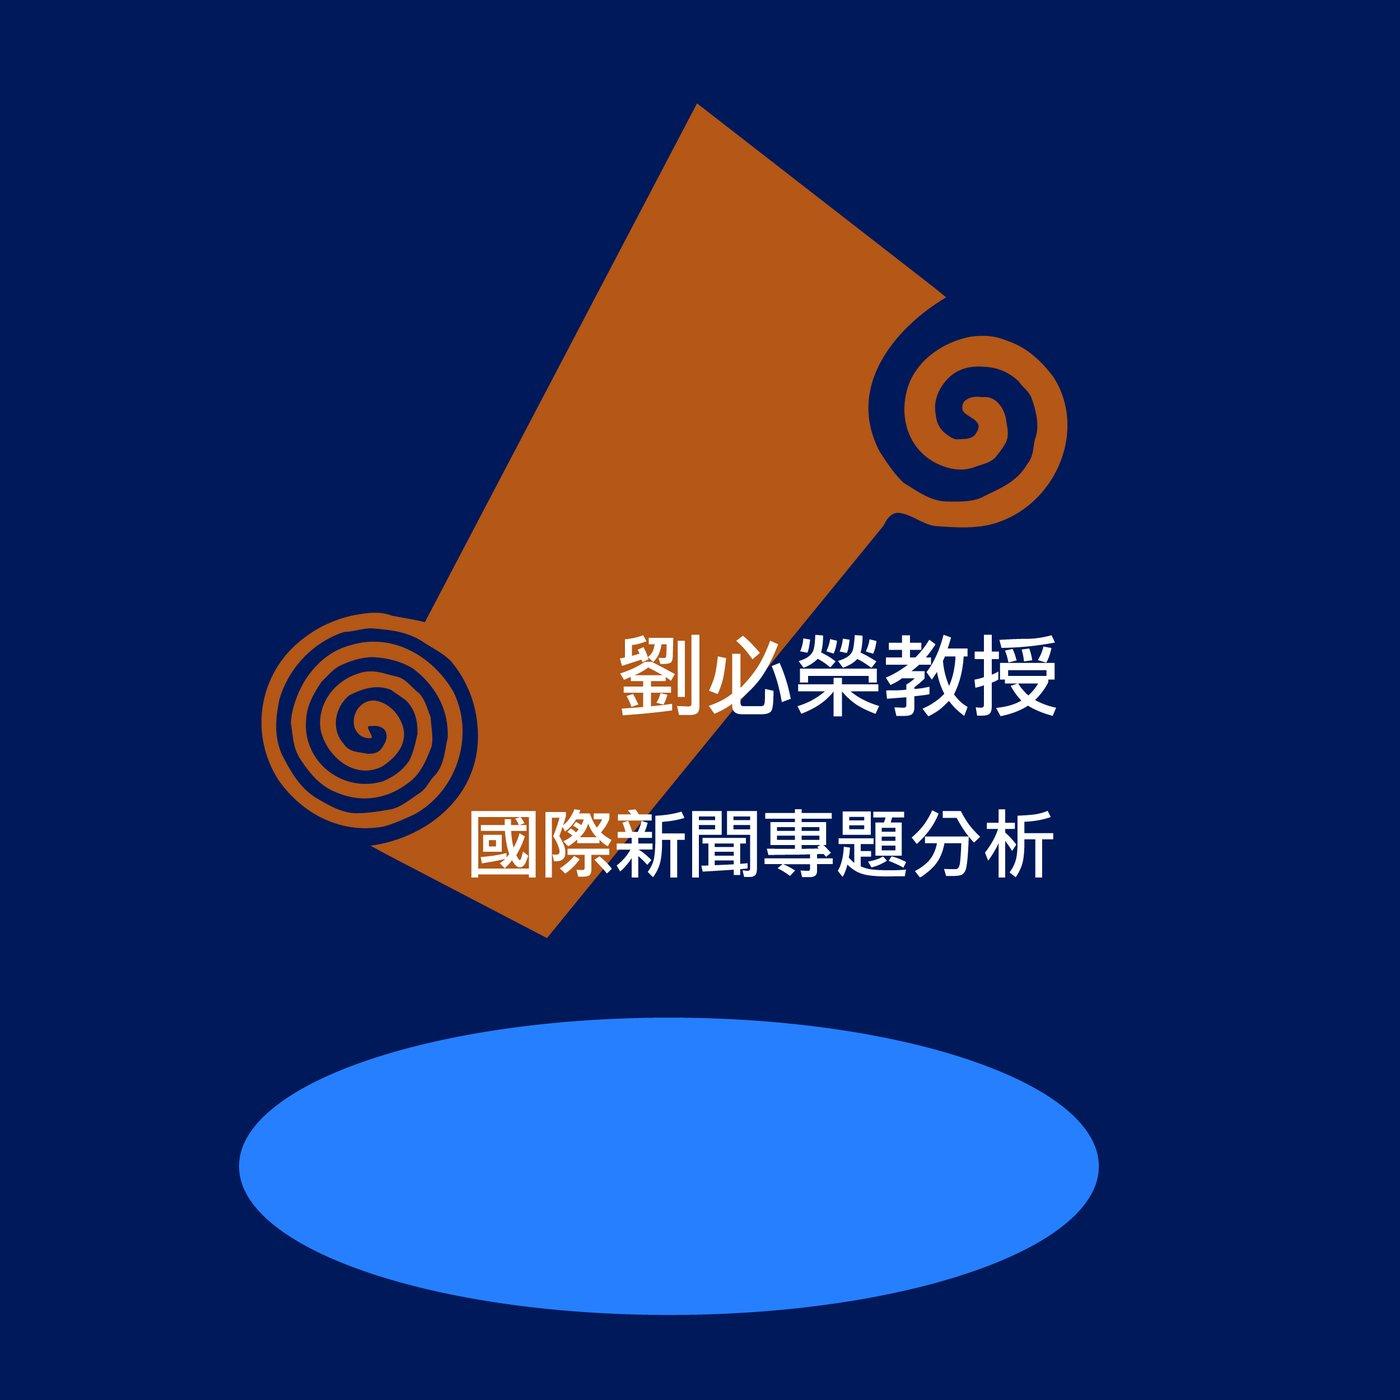 劉必榮教授 國際新聞專題分析